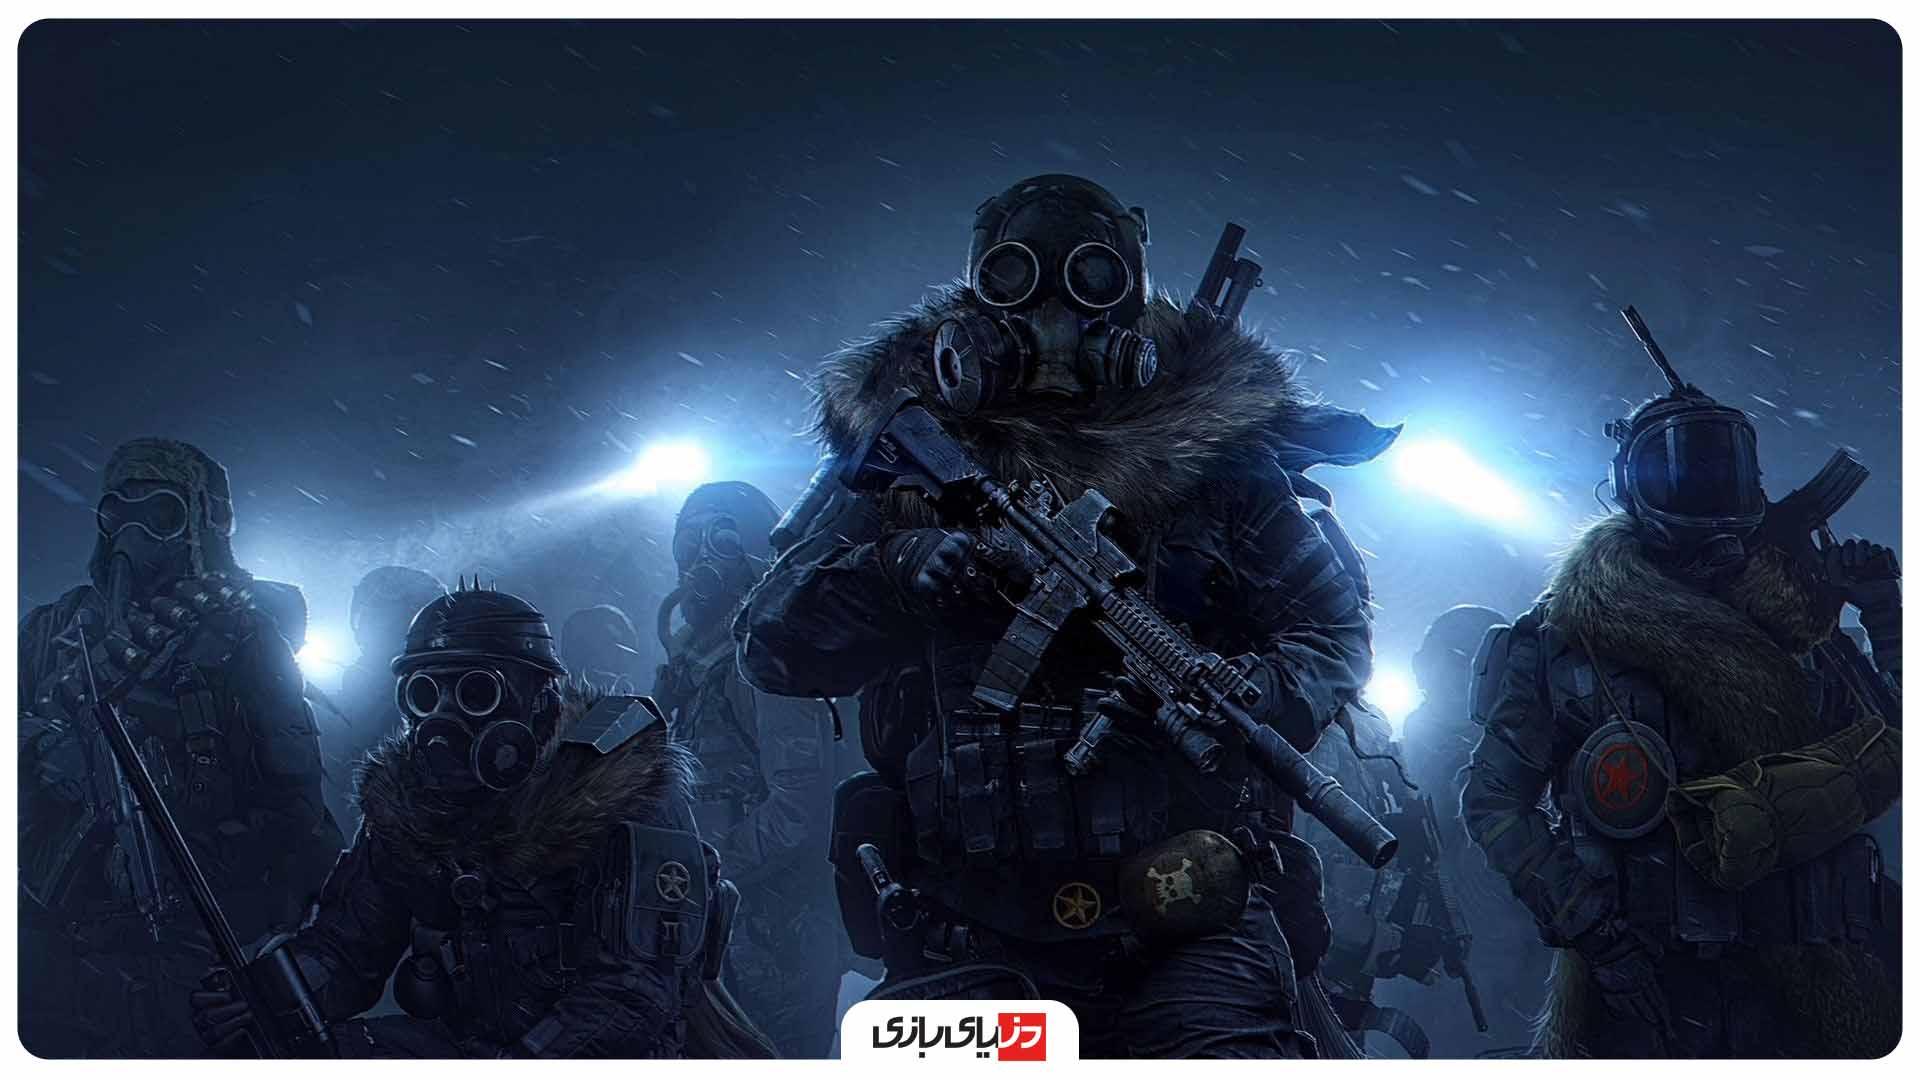 بهترین بازی های سال 2020 از نگاه IGN - بازی Wasteland 3